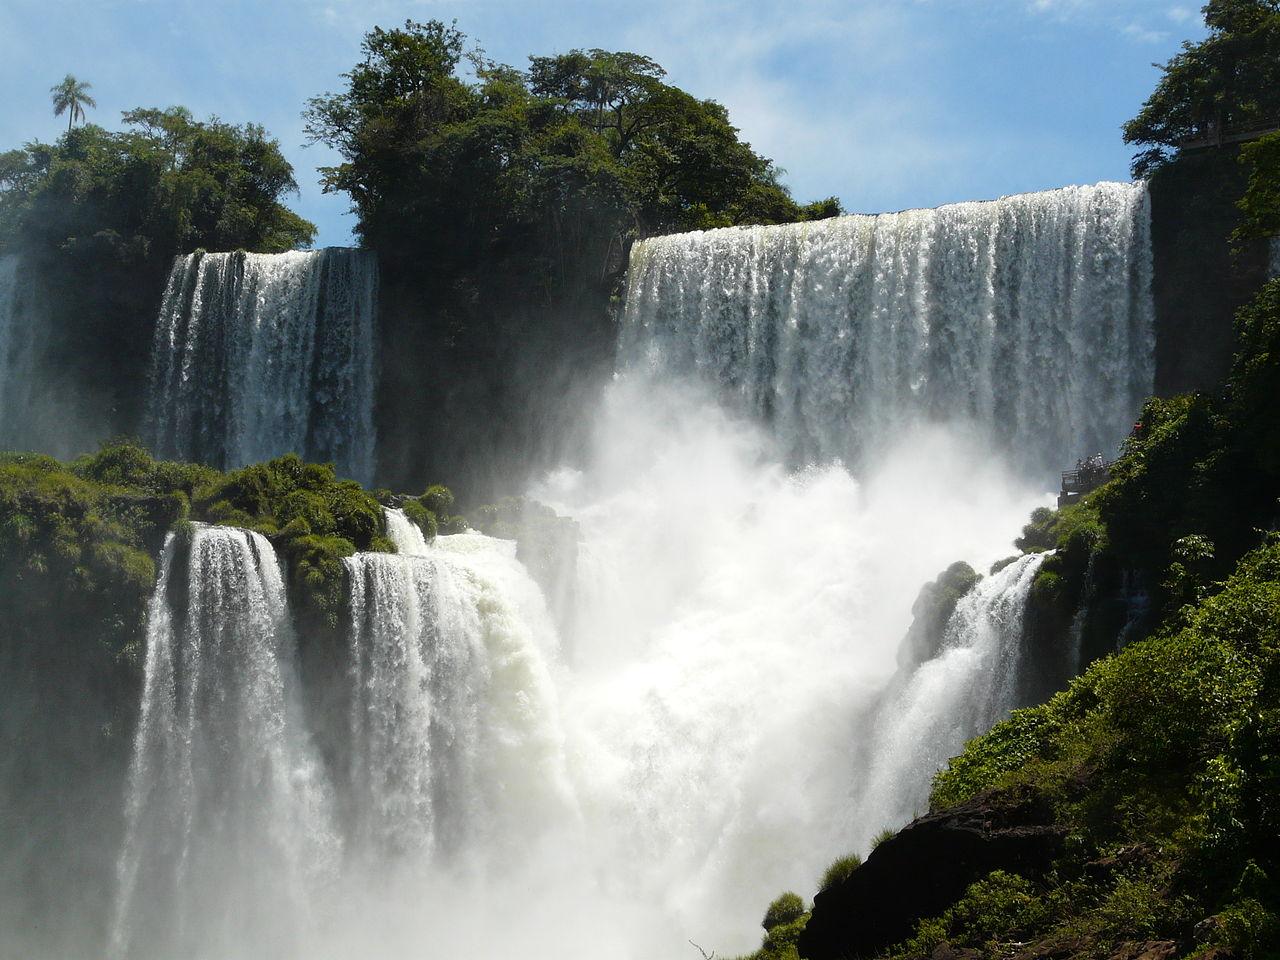 Iguazul Falls Wallpaper File Iguazu Falls 6038220440 Jpg Wikimedia Commons